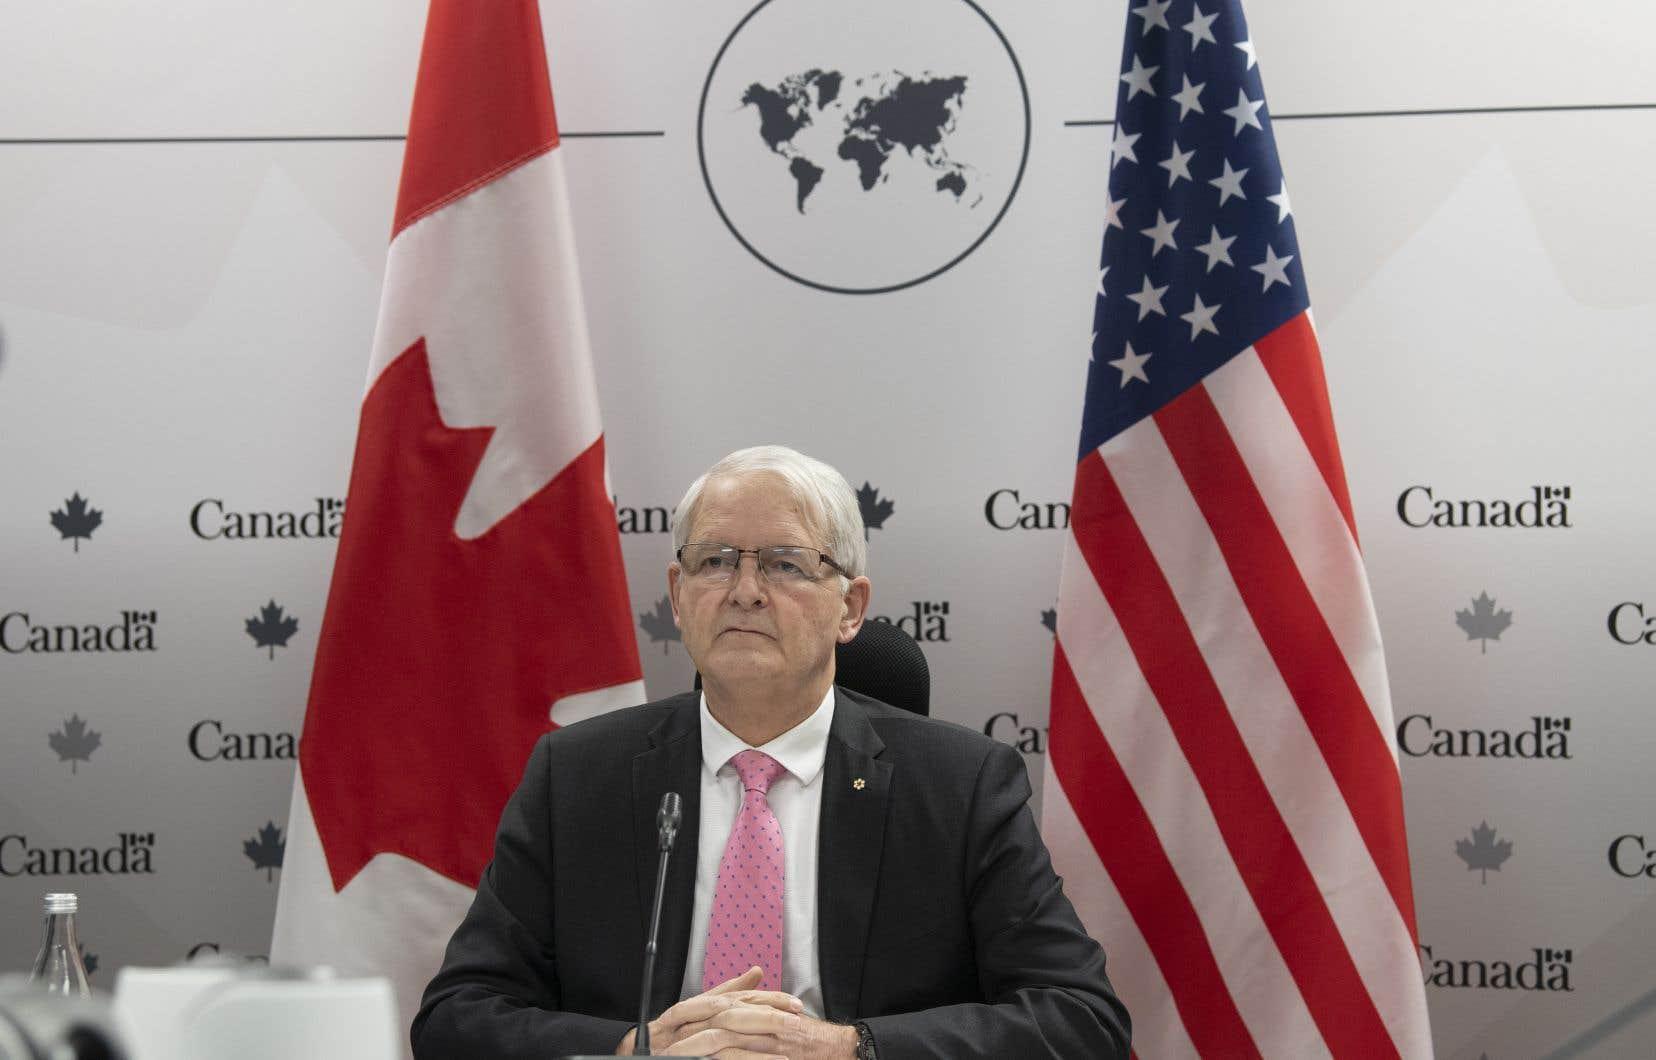 «À ce moment, notre priorité numéro un, notre conseil numéro un est qu'il faut faire baisser la température», a dit le ministre des Affaires étrangères, Marc Garneau.